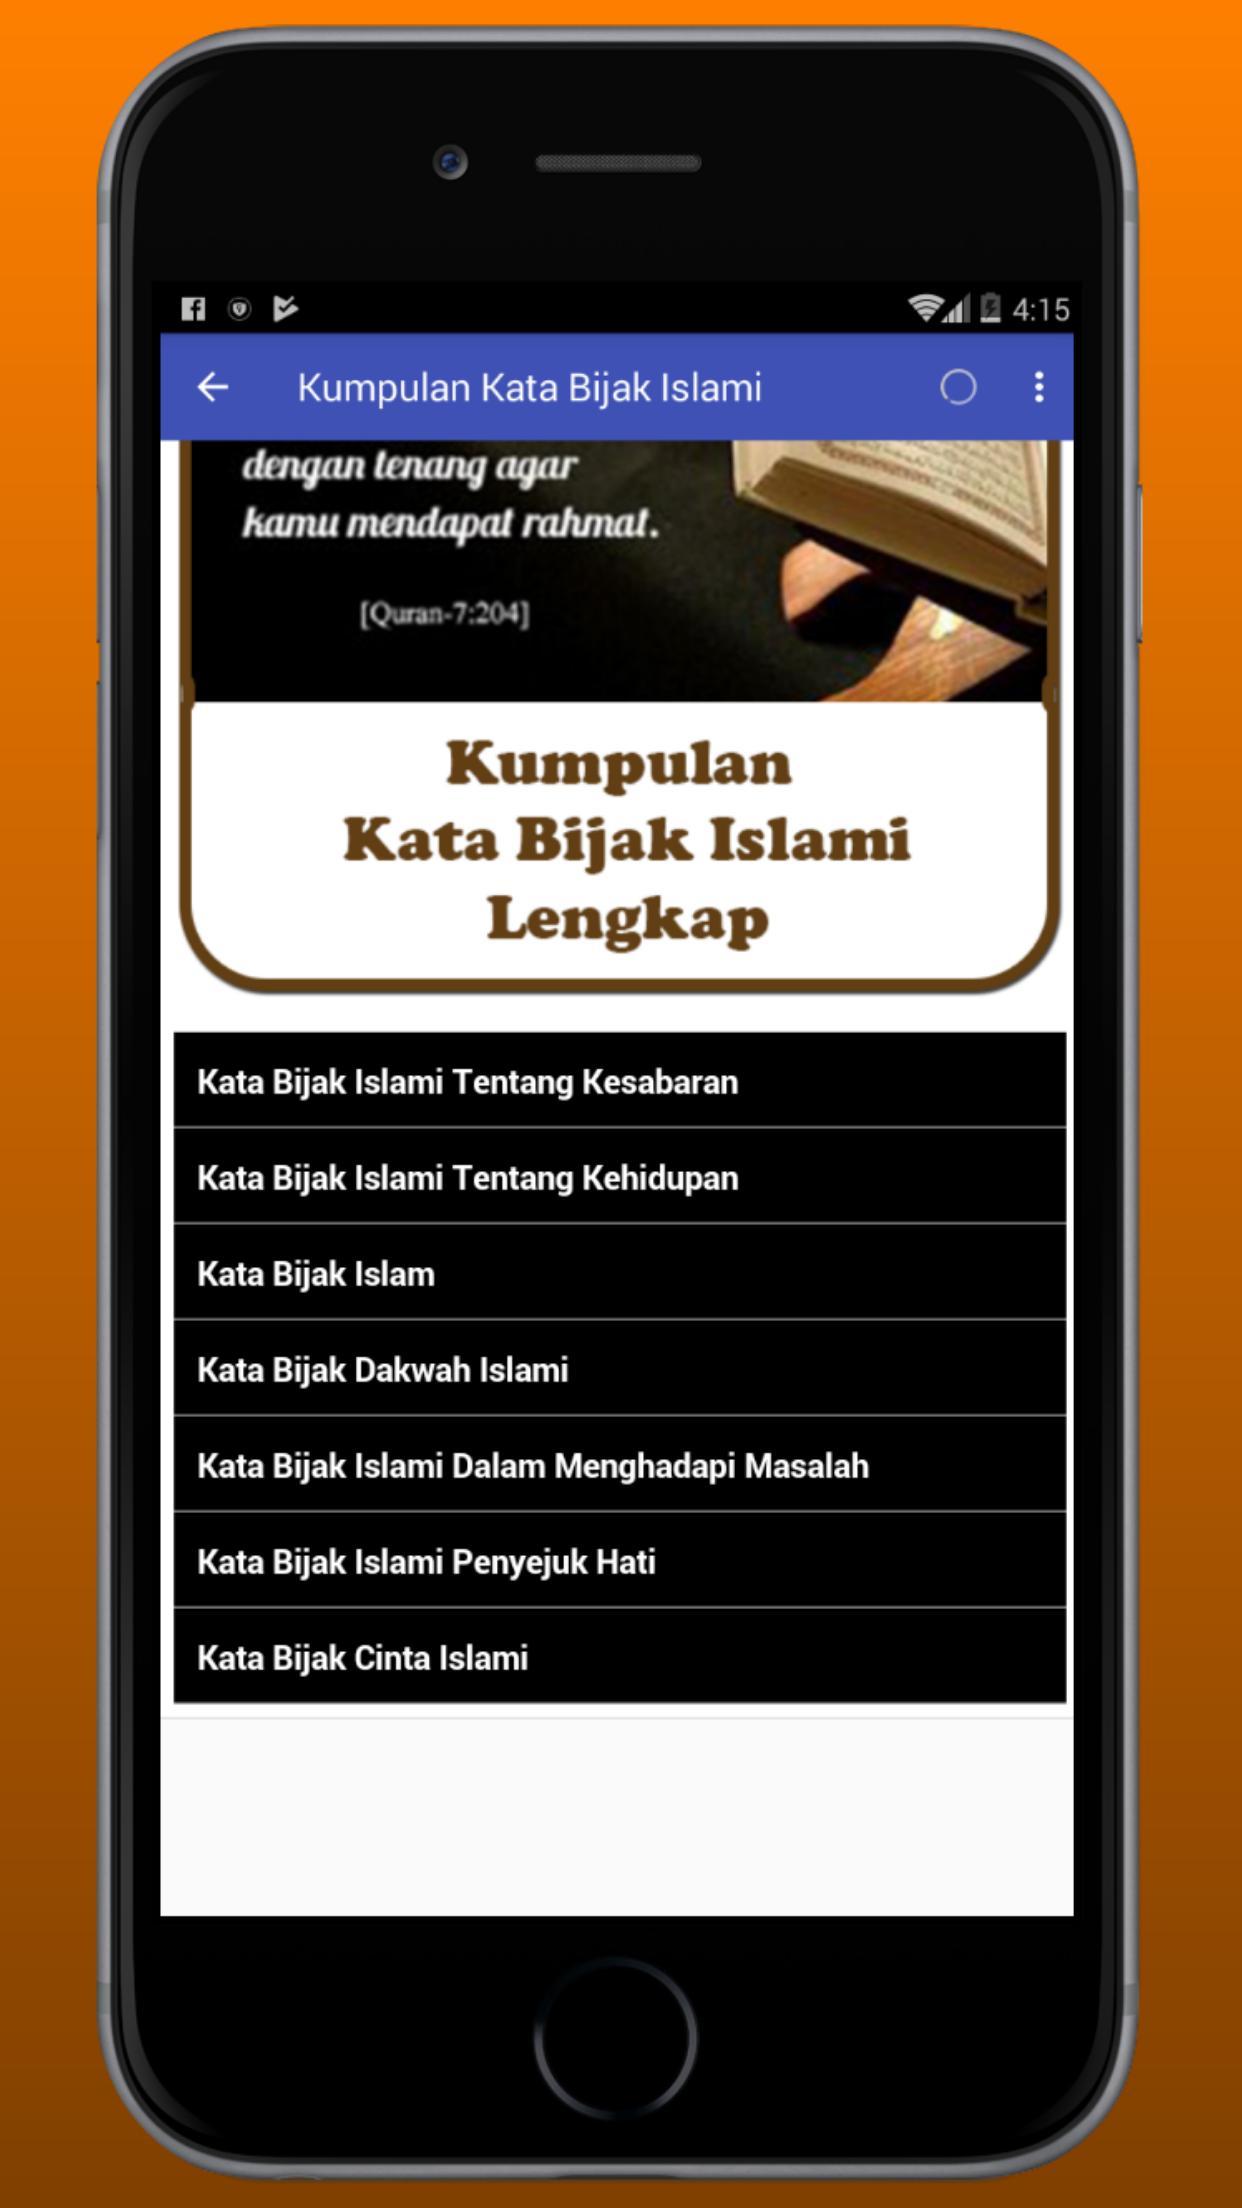 Kumpulan Kata Bijak Islami For Android Apk Download